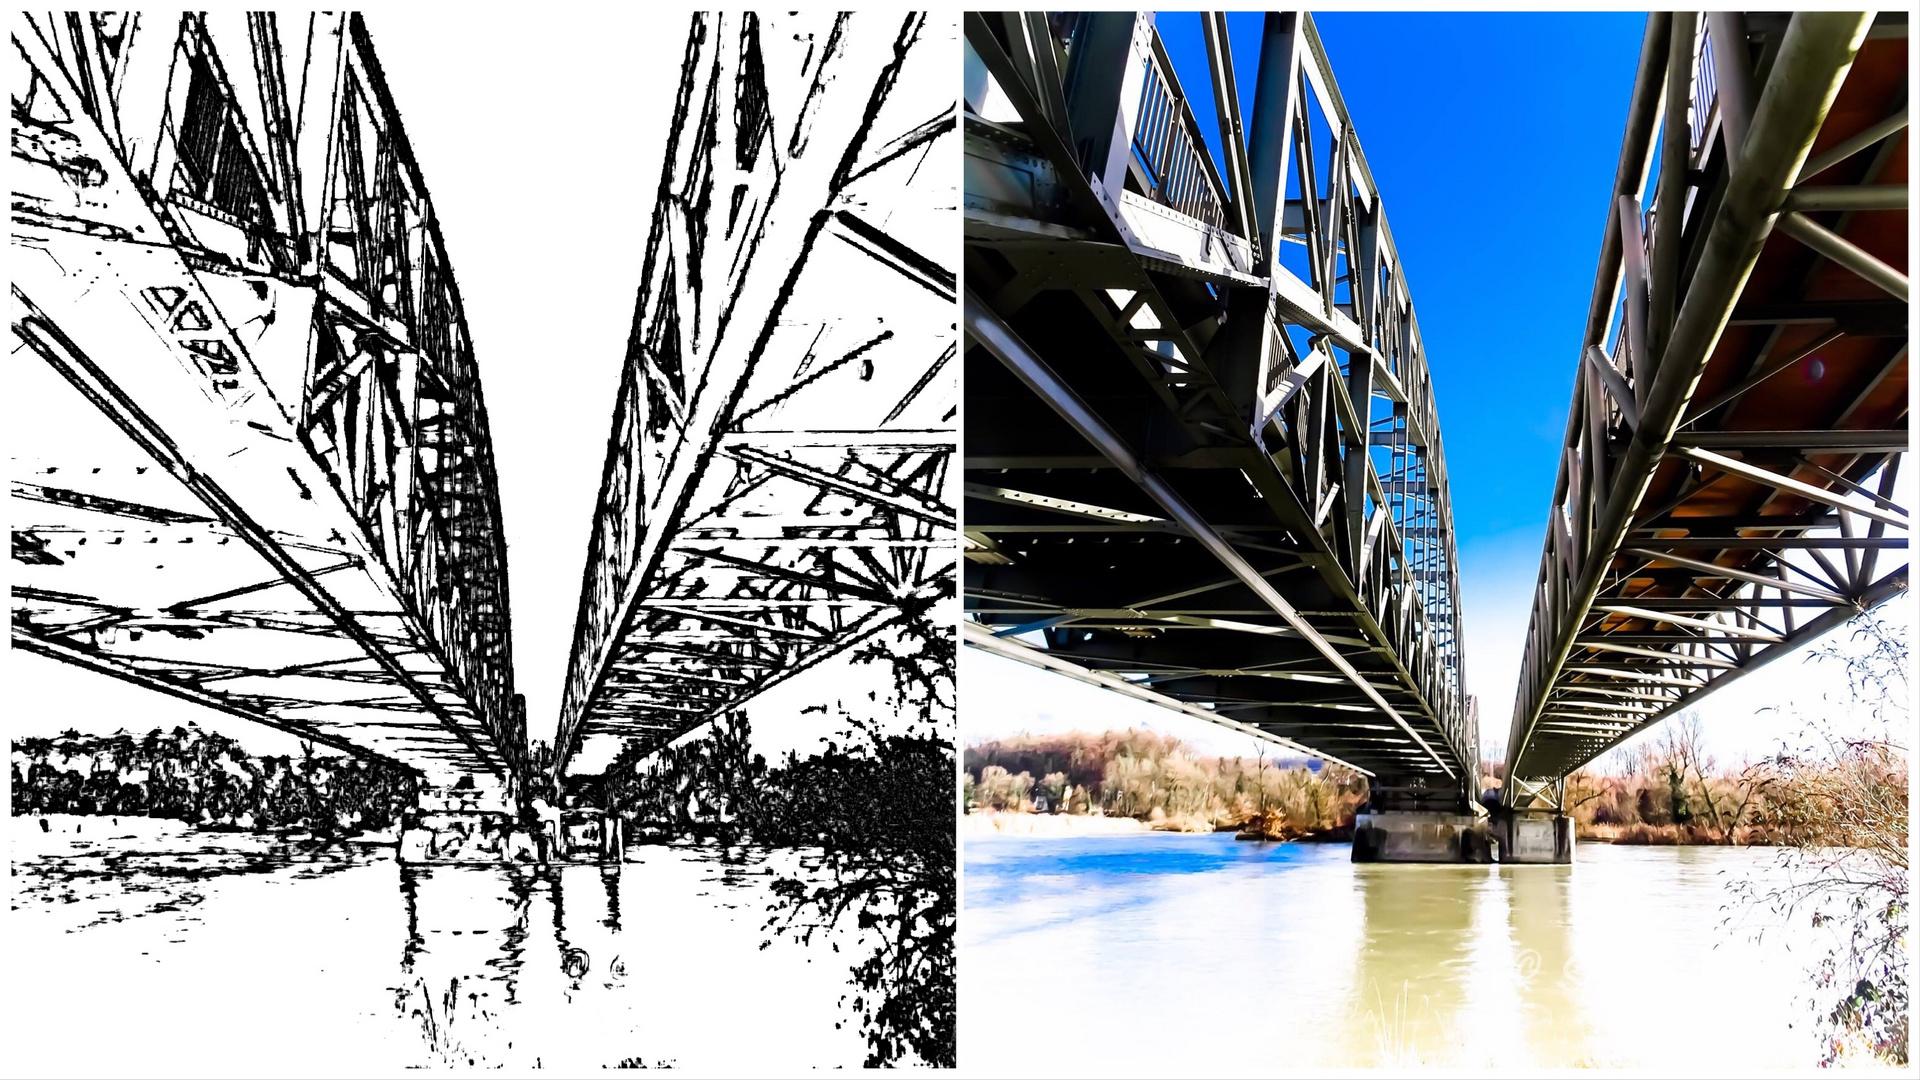 Das Brücken Foto mal als Zeichnung